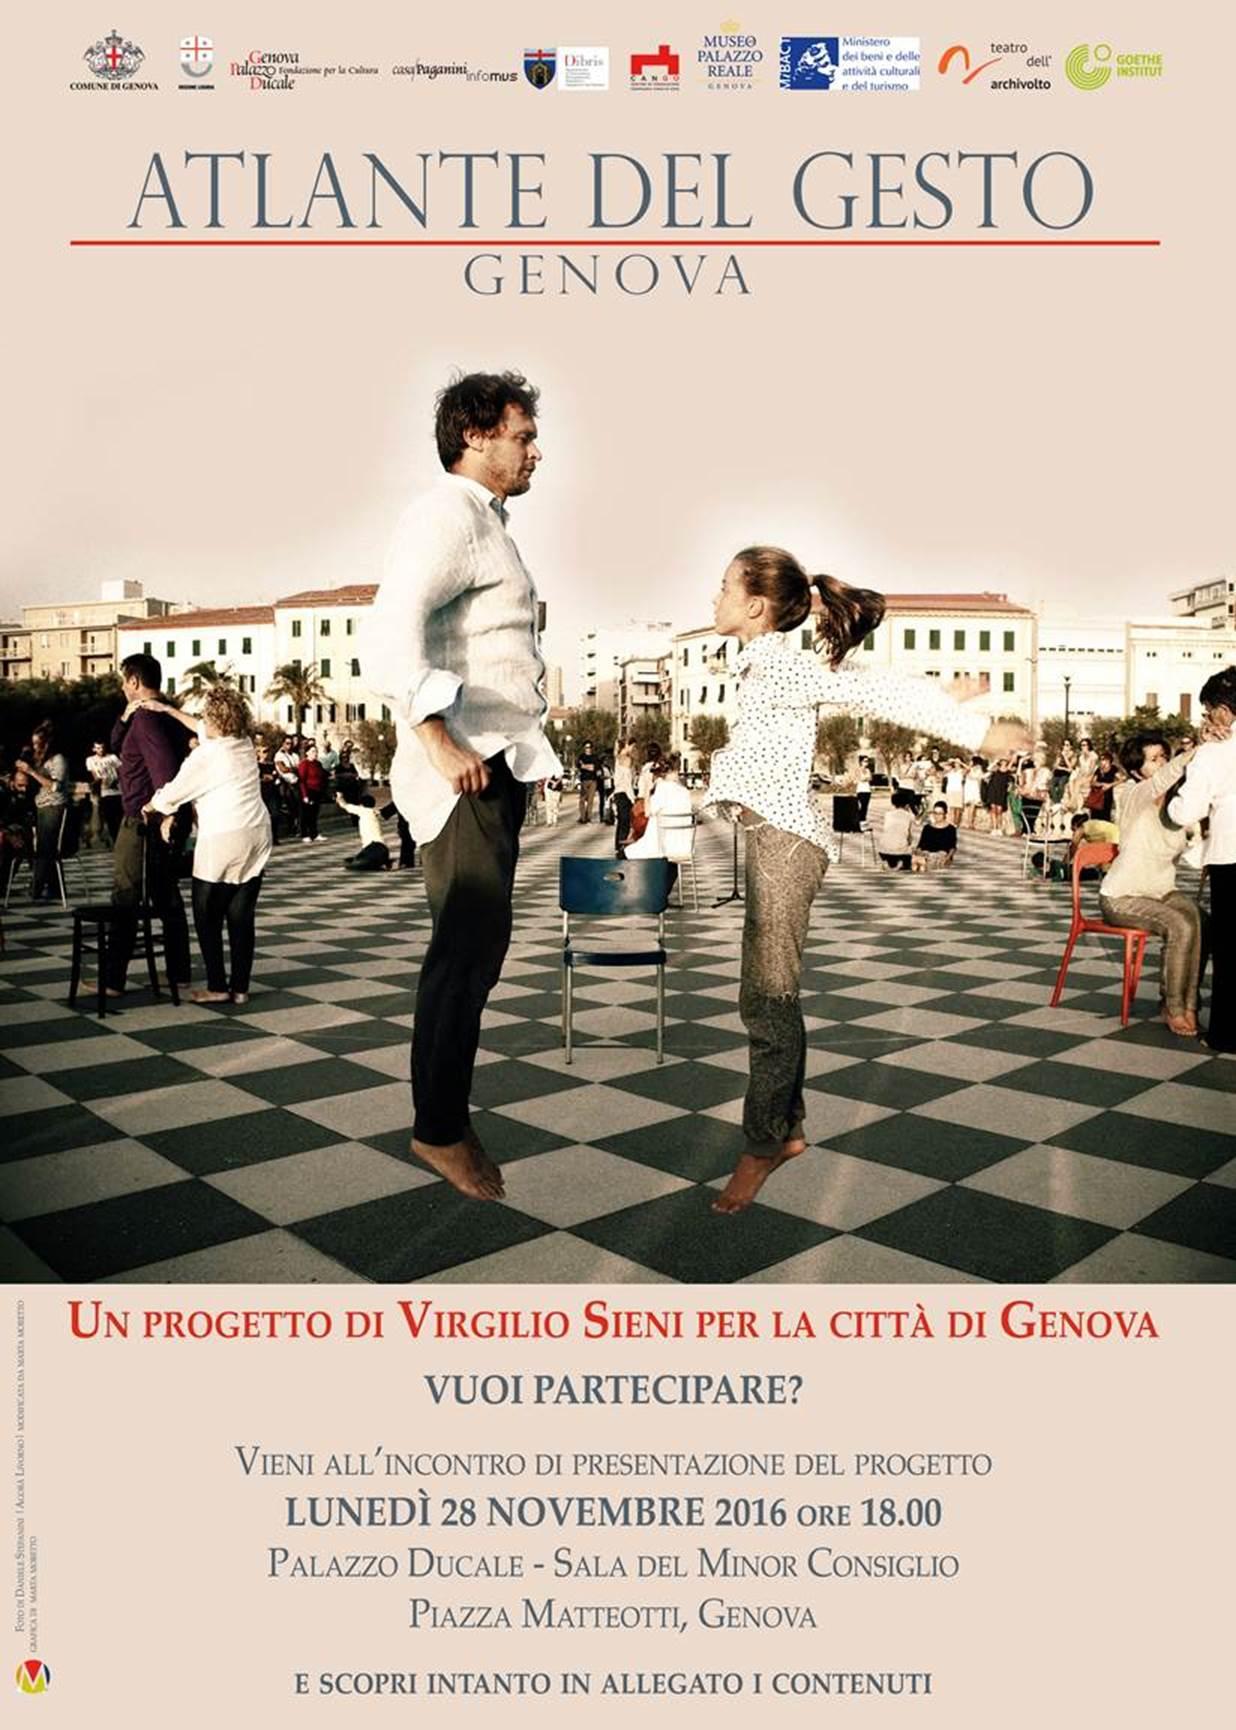 ATALNTE DEL GESTO_Genova vuoi partecipare?